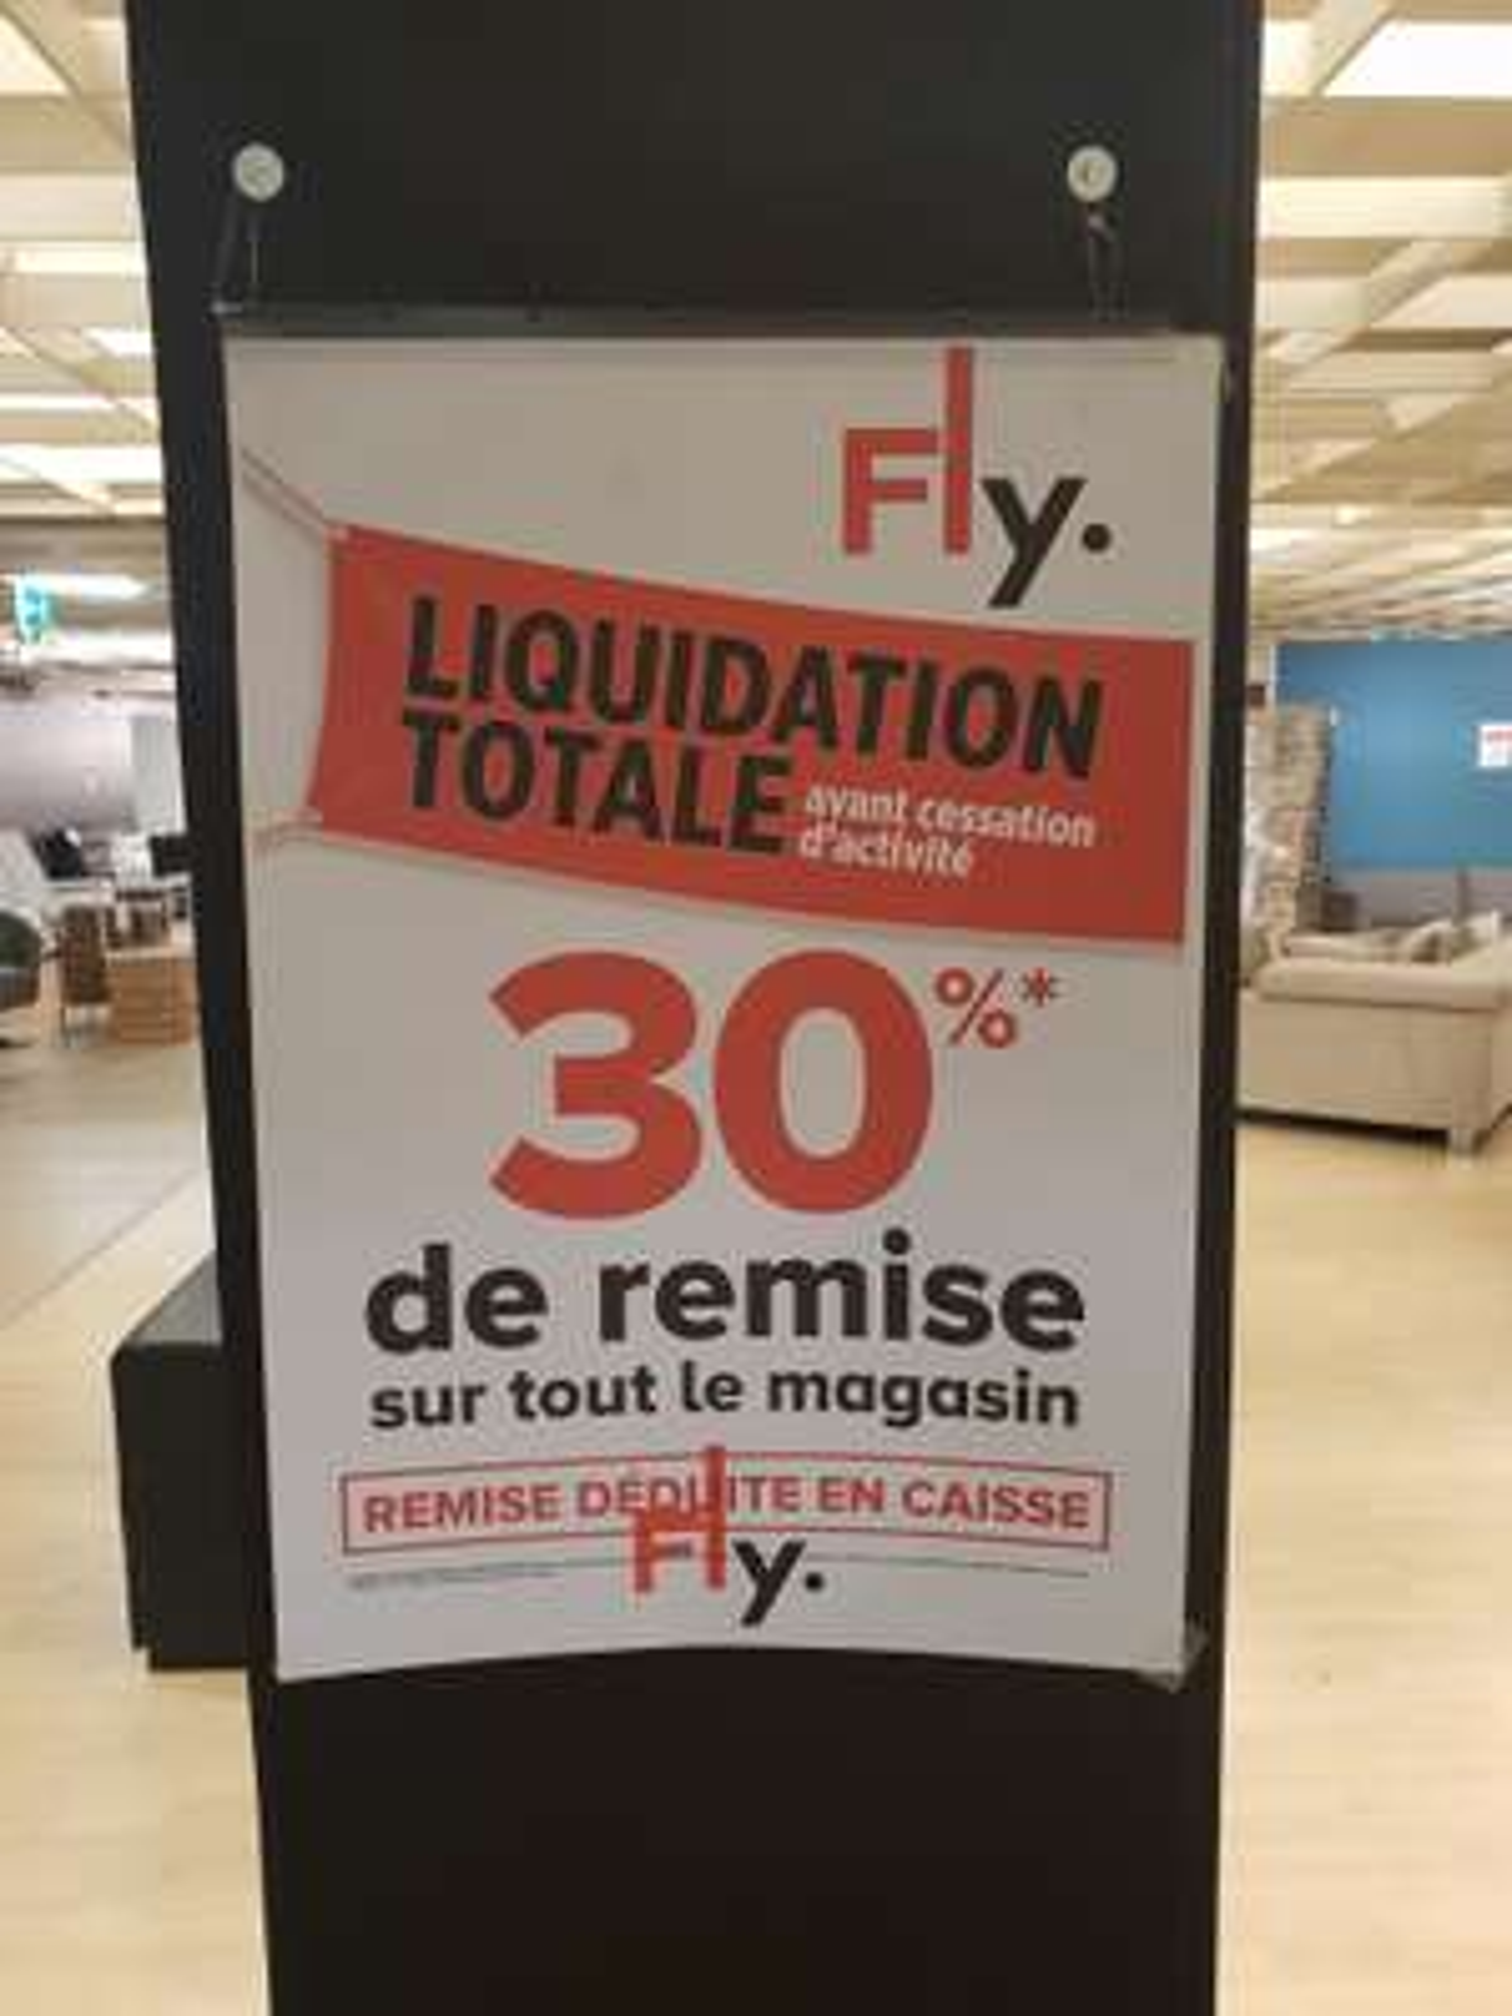 70% de réduction sur tout le magasin (liquidation totale) - Créteil (94)